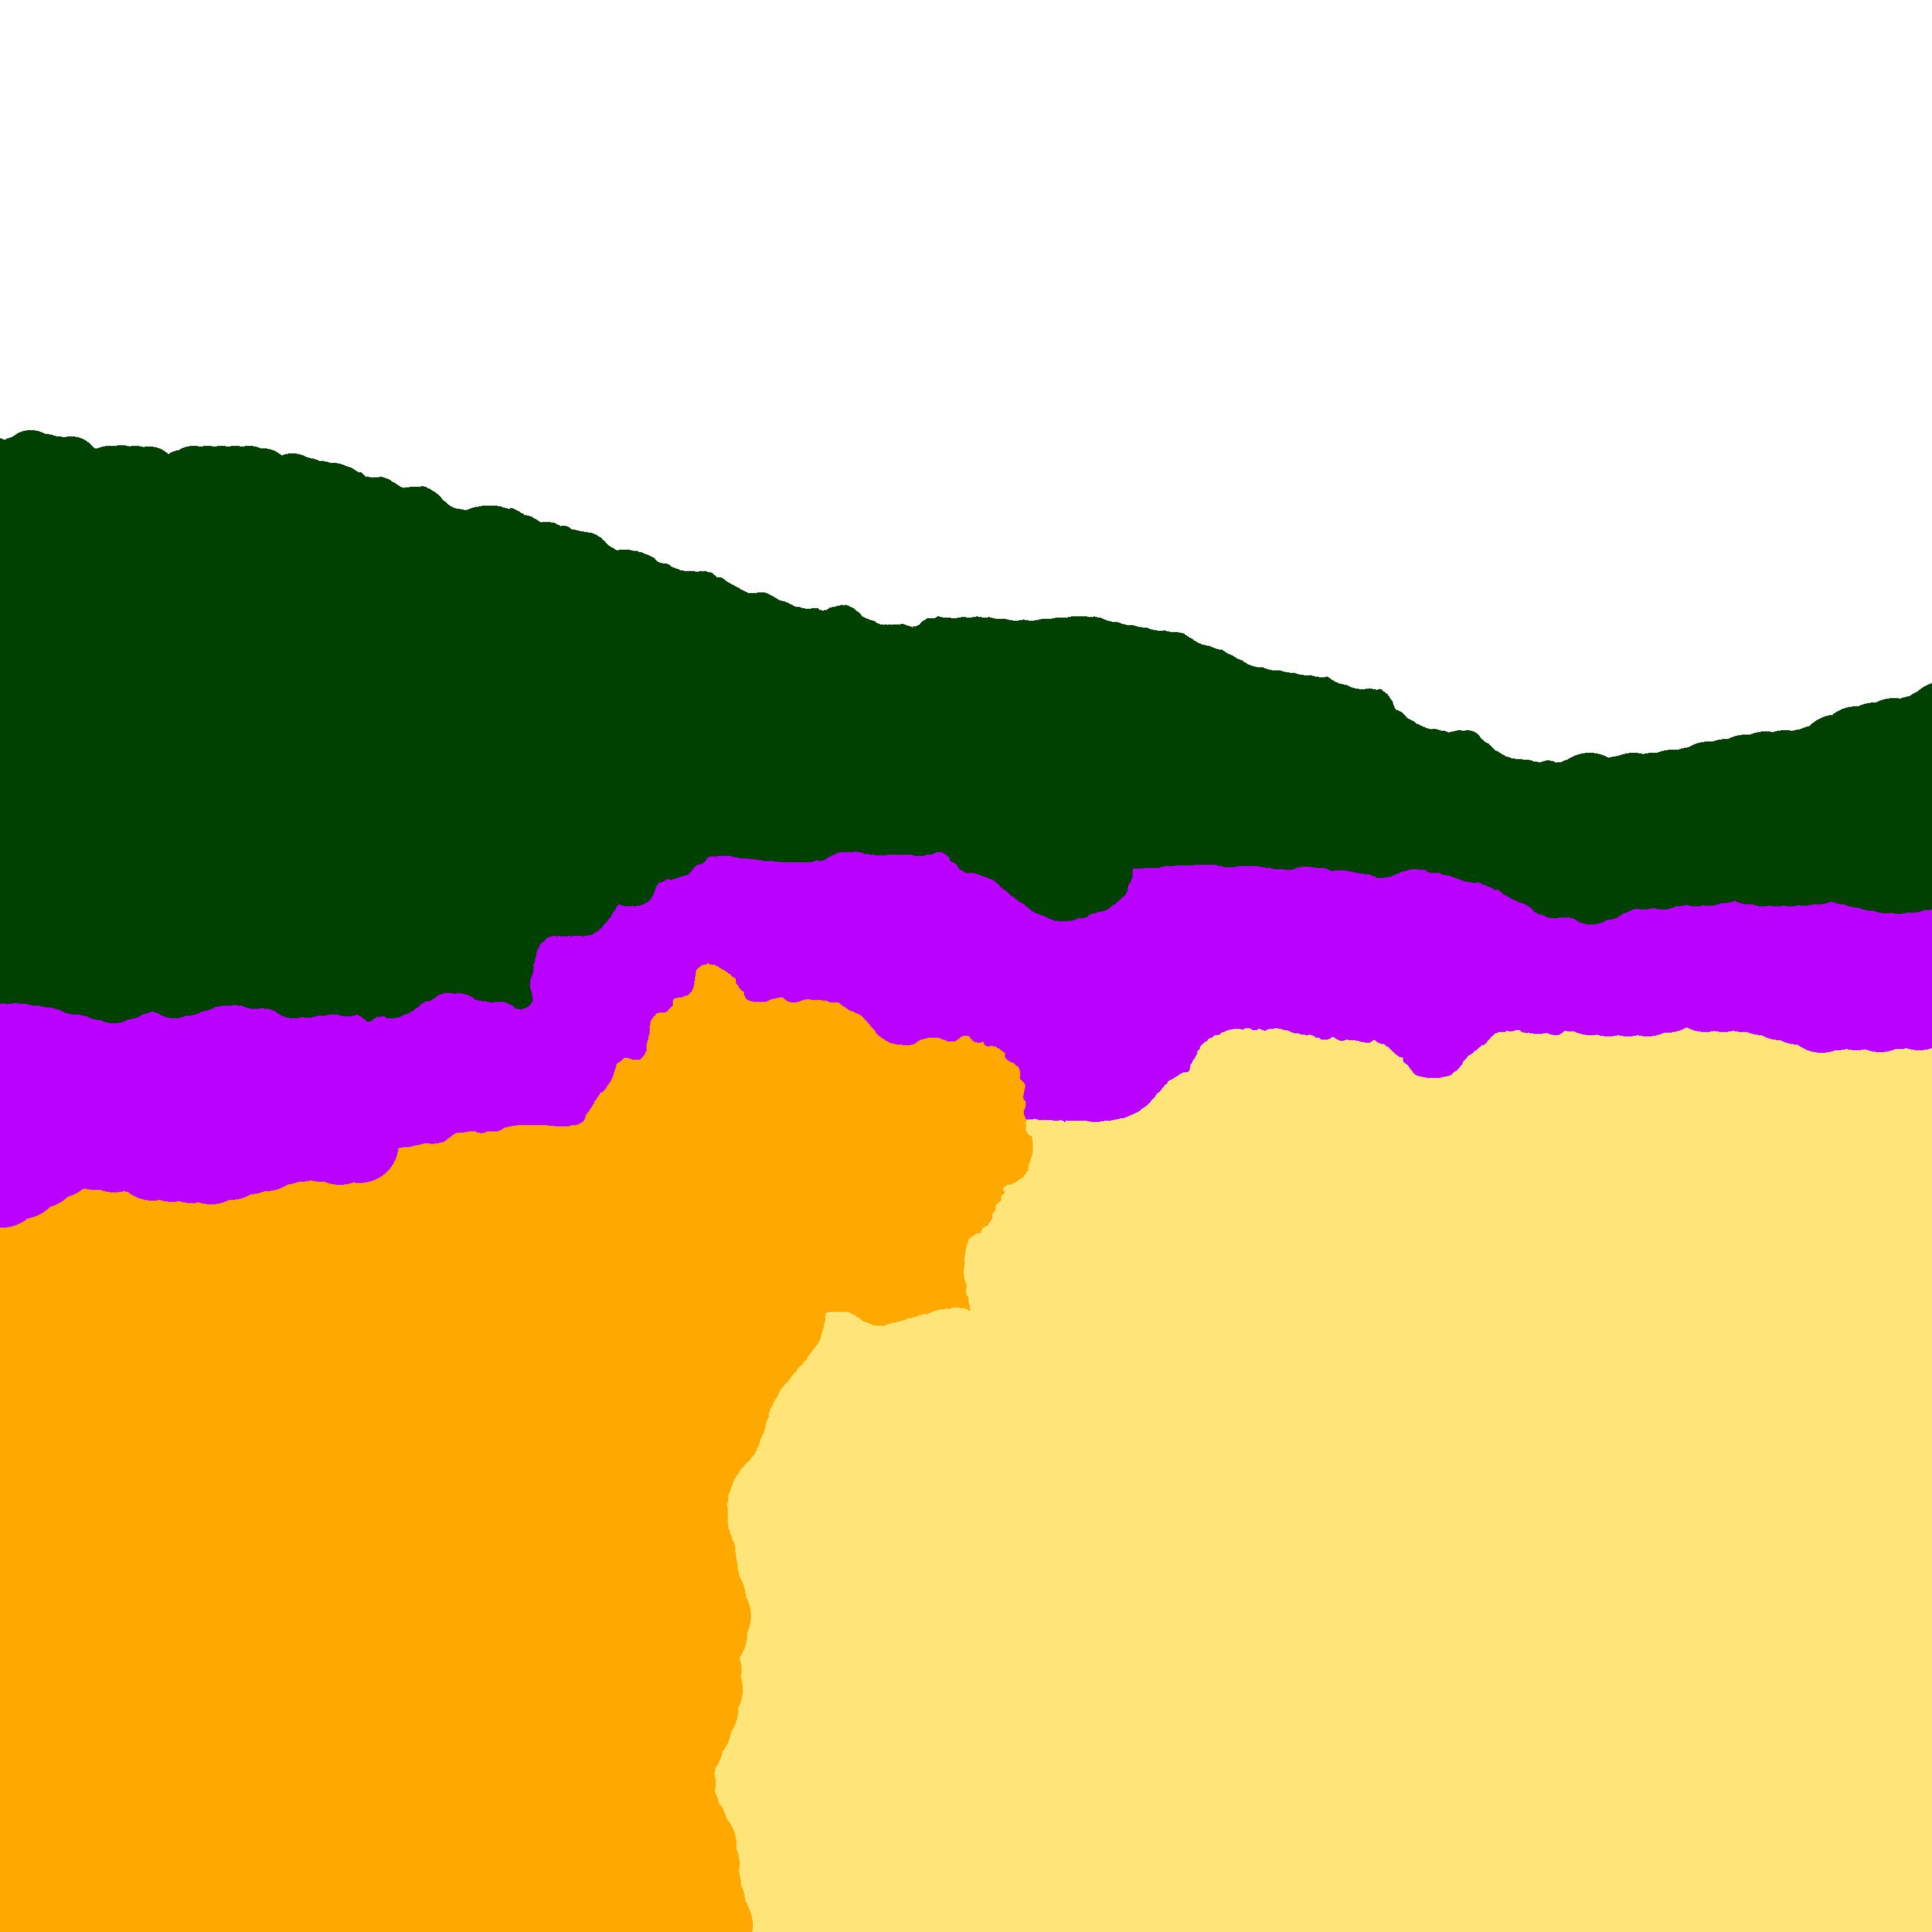 biomas del mapa navezgane de 7d2d